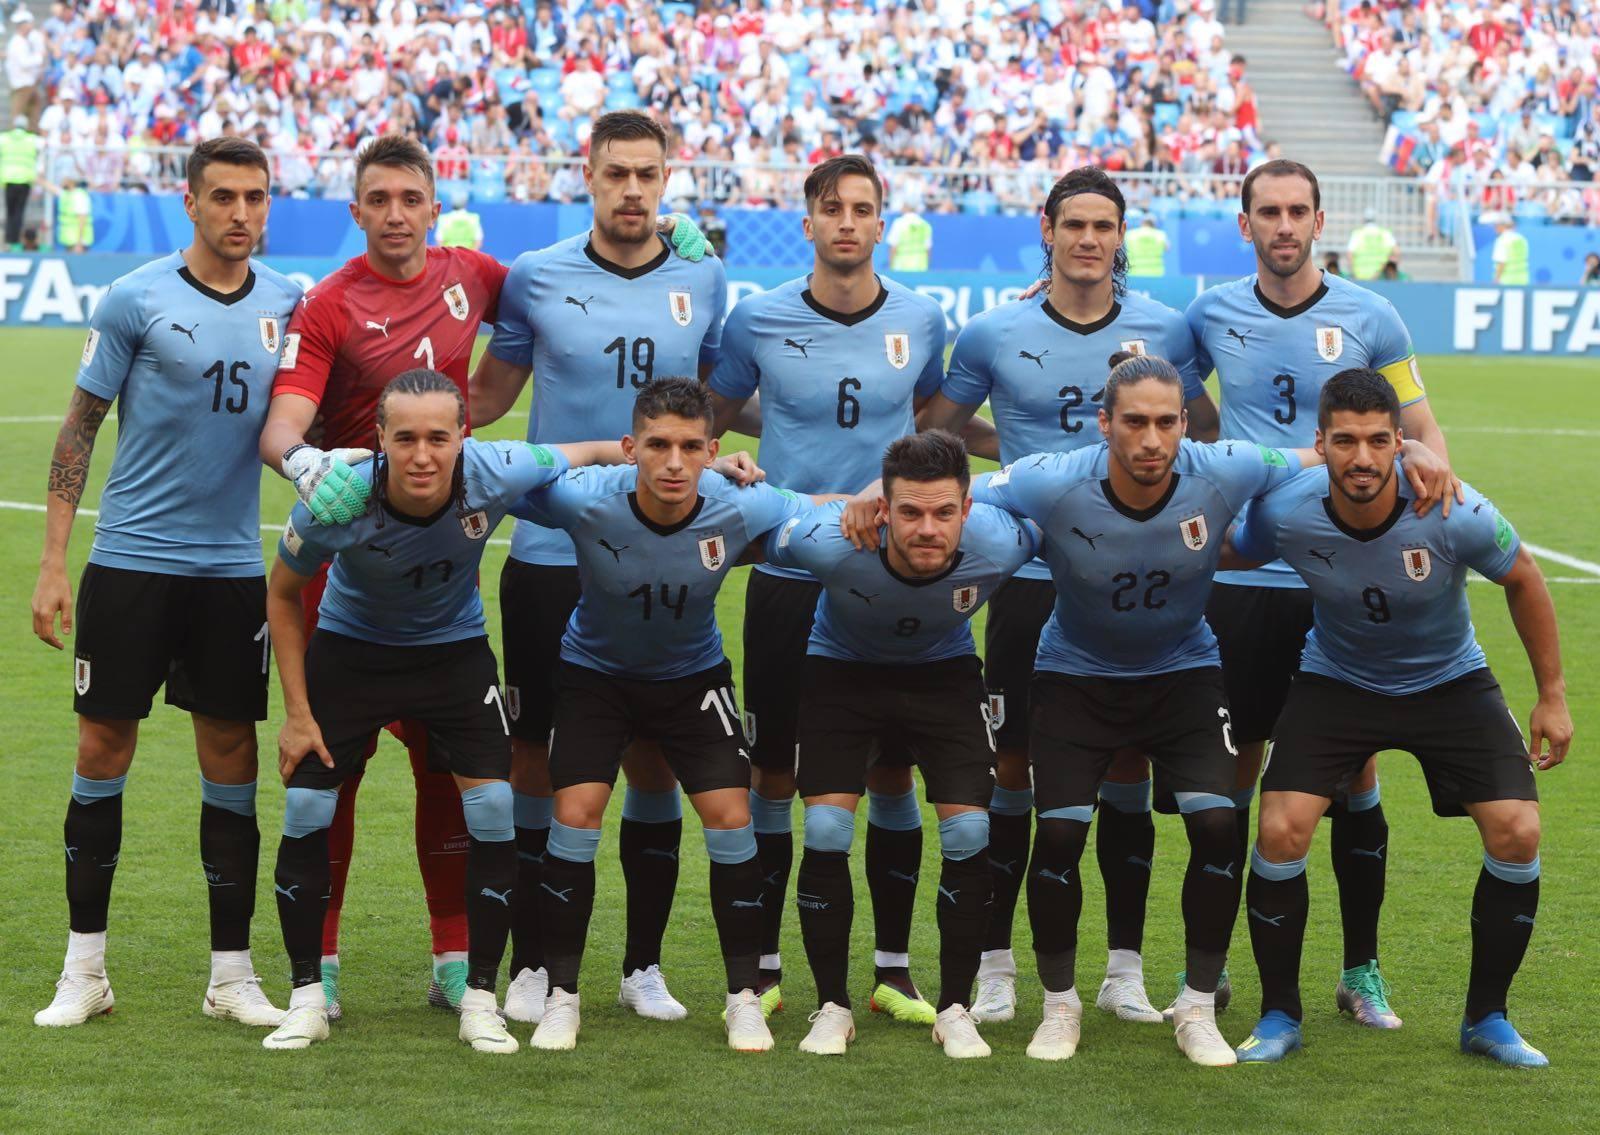 Seleção do Uruguai, antes de partida pela Copa da Rússia